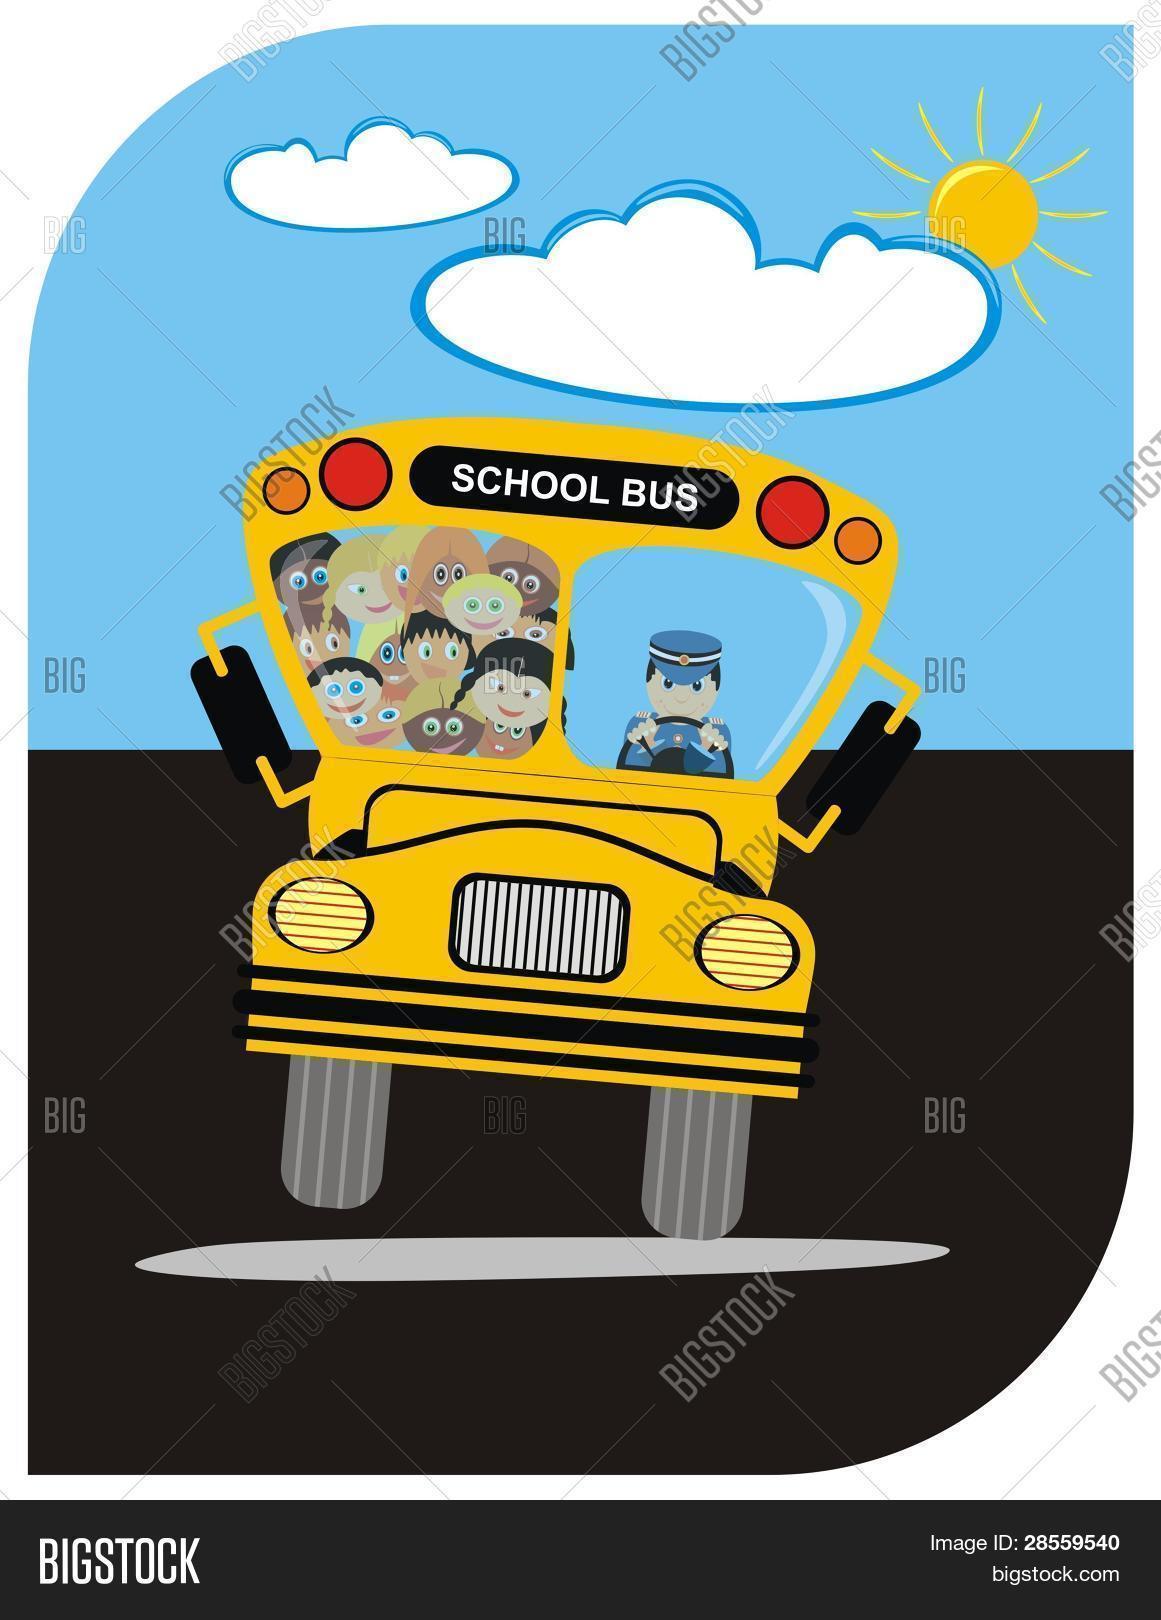 Funny Cartoon Images Of Boys vector - school bus vector & photo (free trial) | bigstock